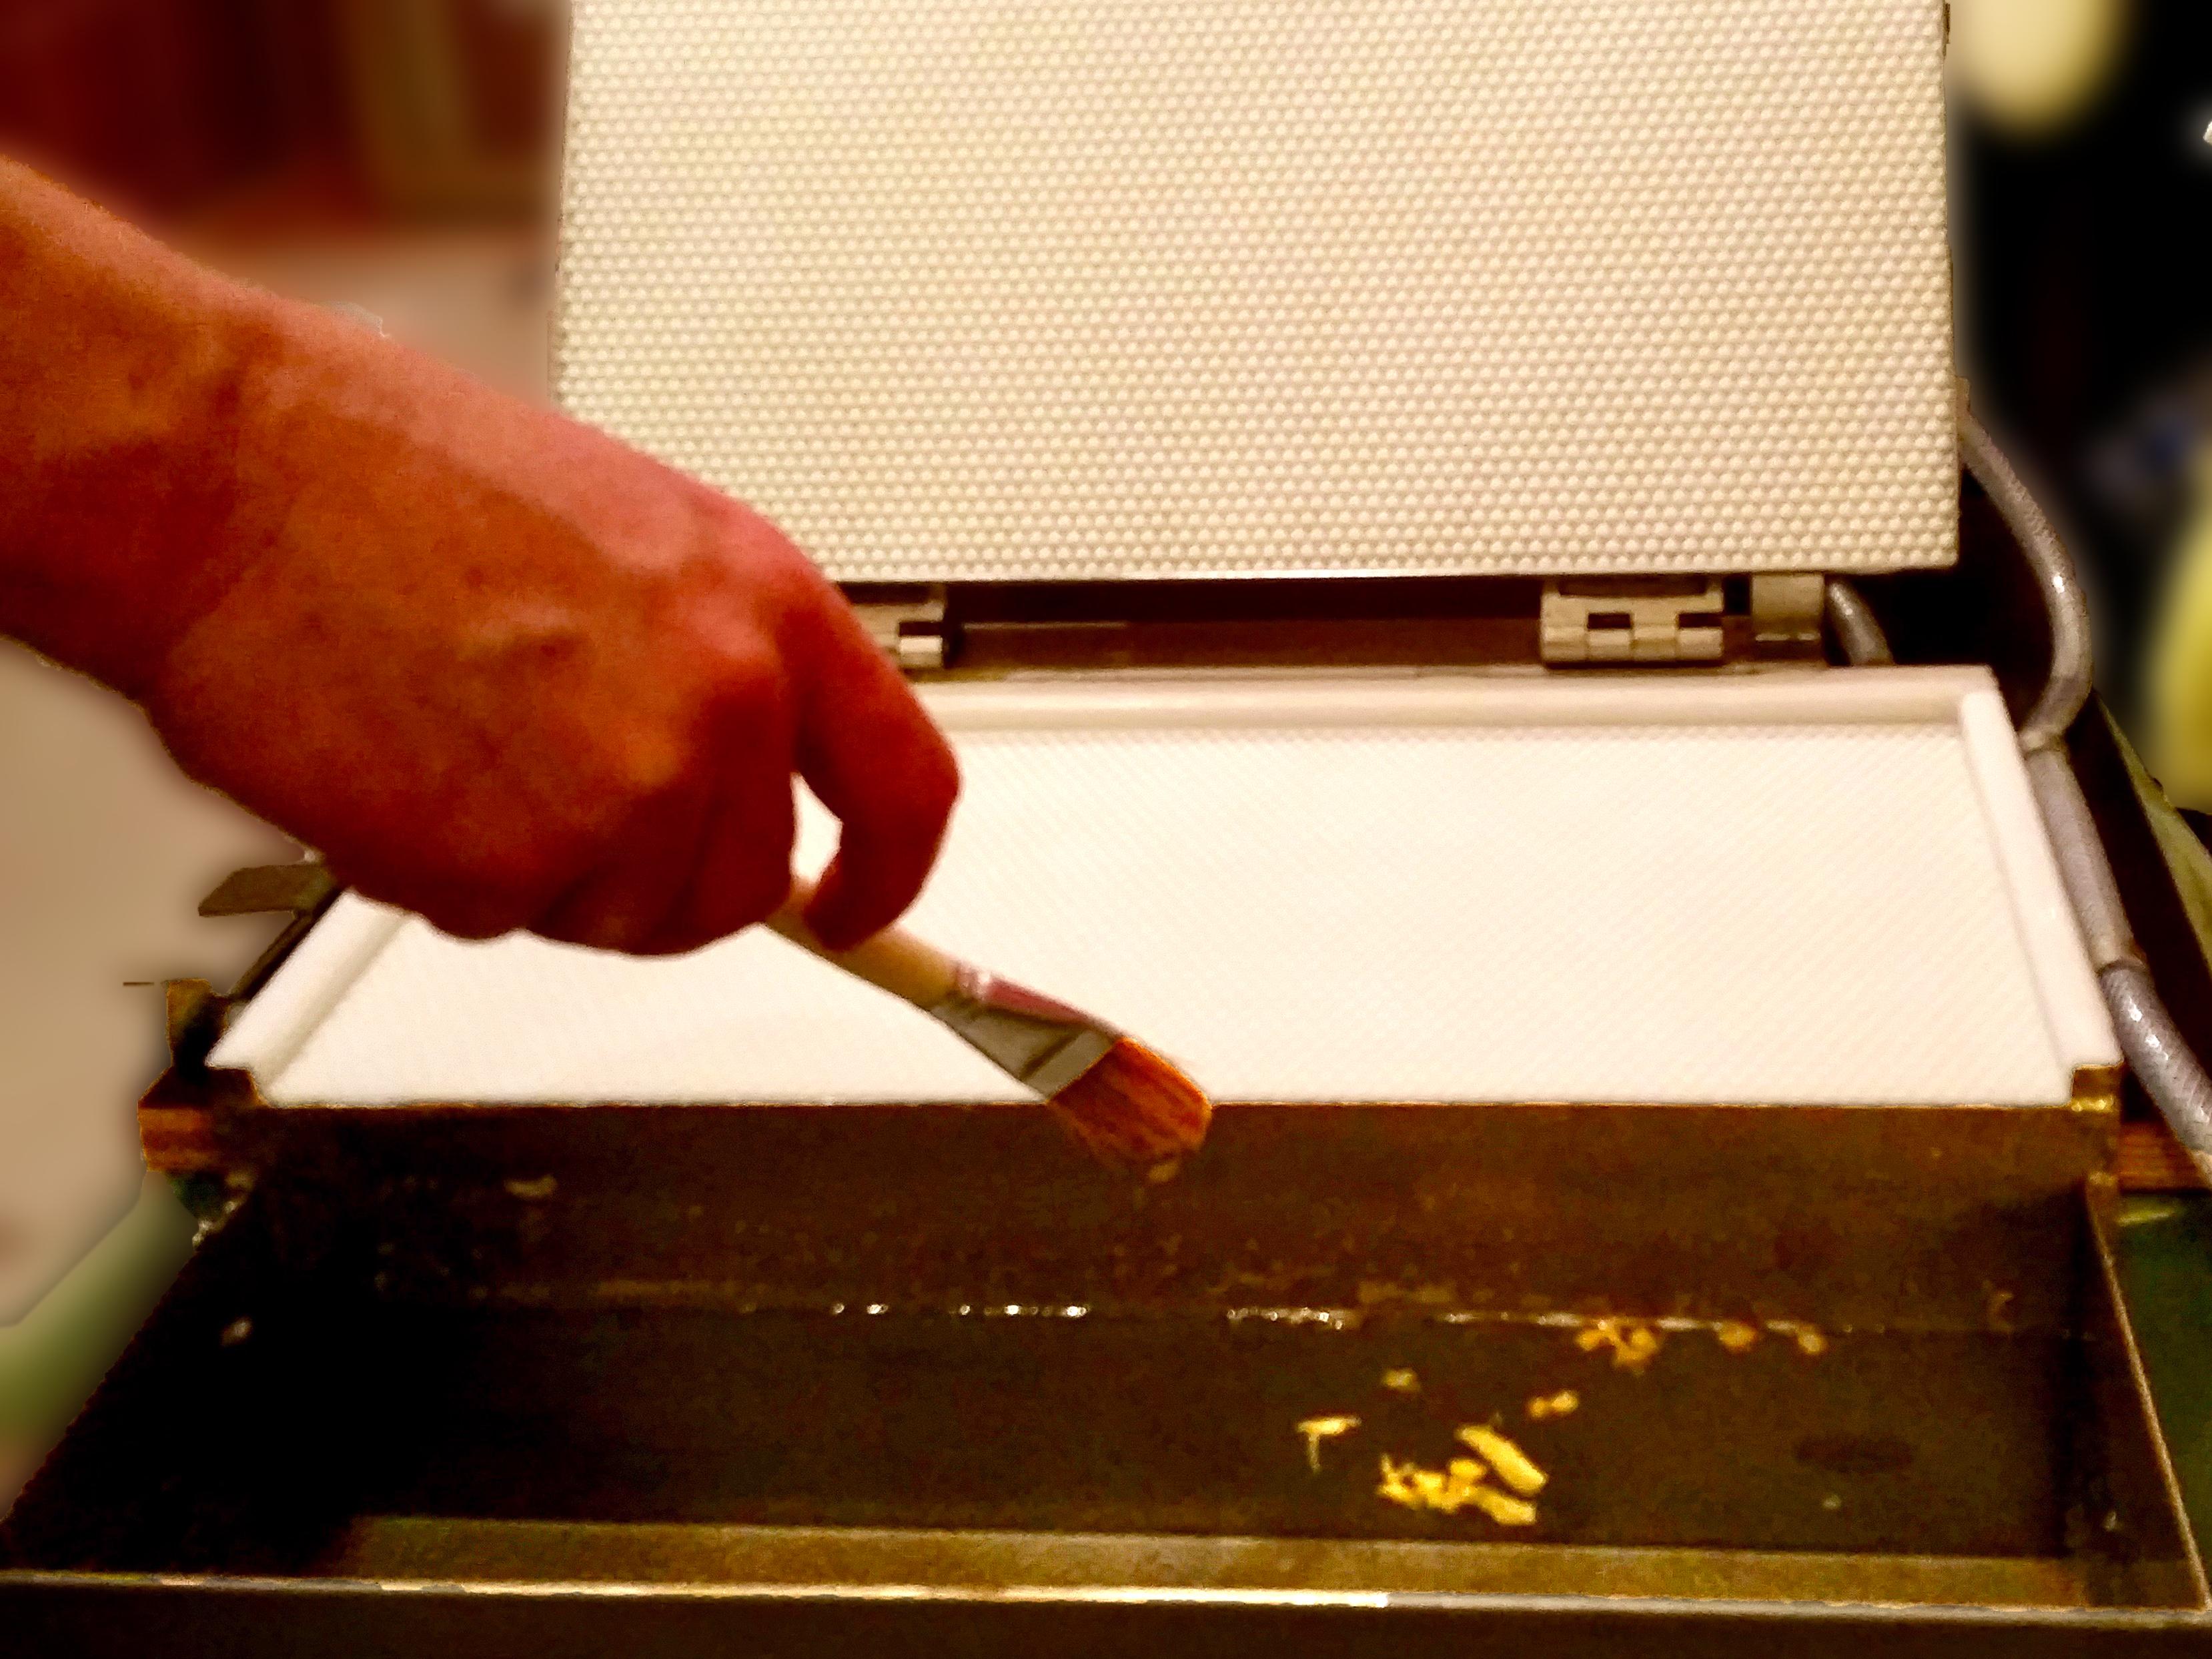 Hin und wieder die Kante der Gießform mit verdünntes Spülmittel oder aufgelöste Kartoffelstärke einpinseln